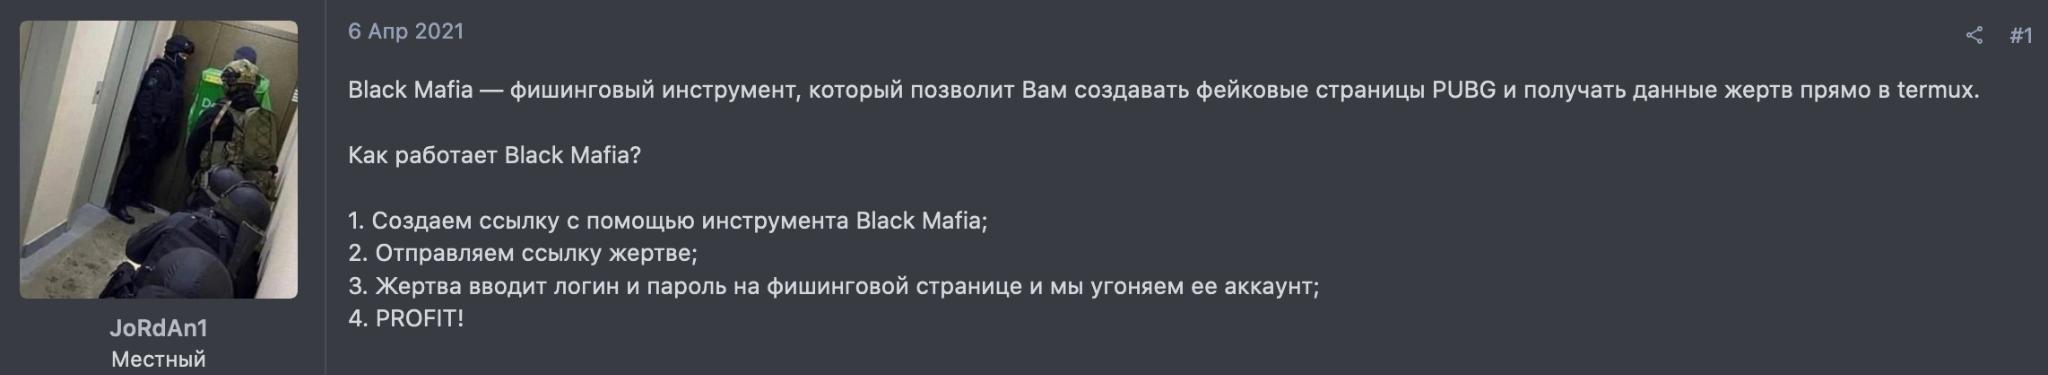 Cibercriminoso vende a ferramenta de phishing BlackMafia para criar páginas PUBG falsas